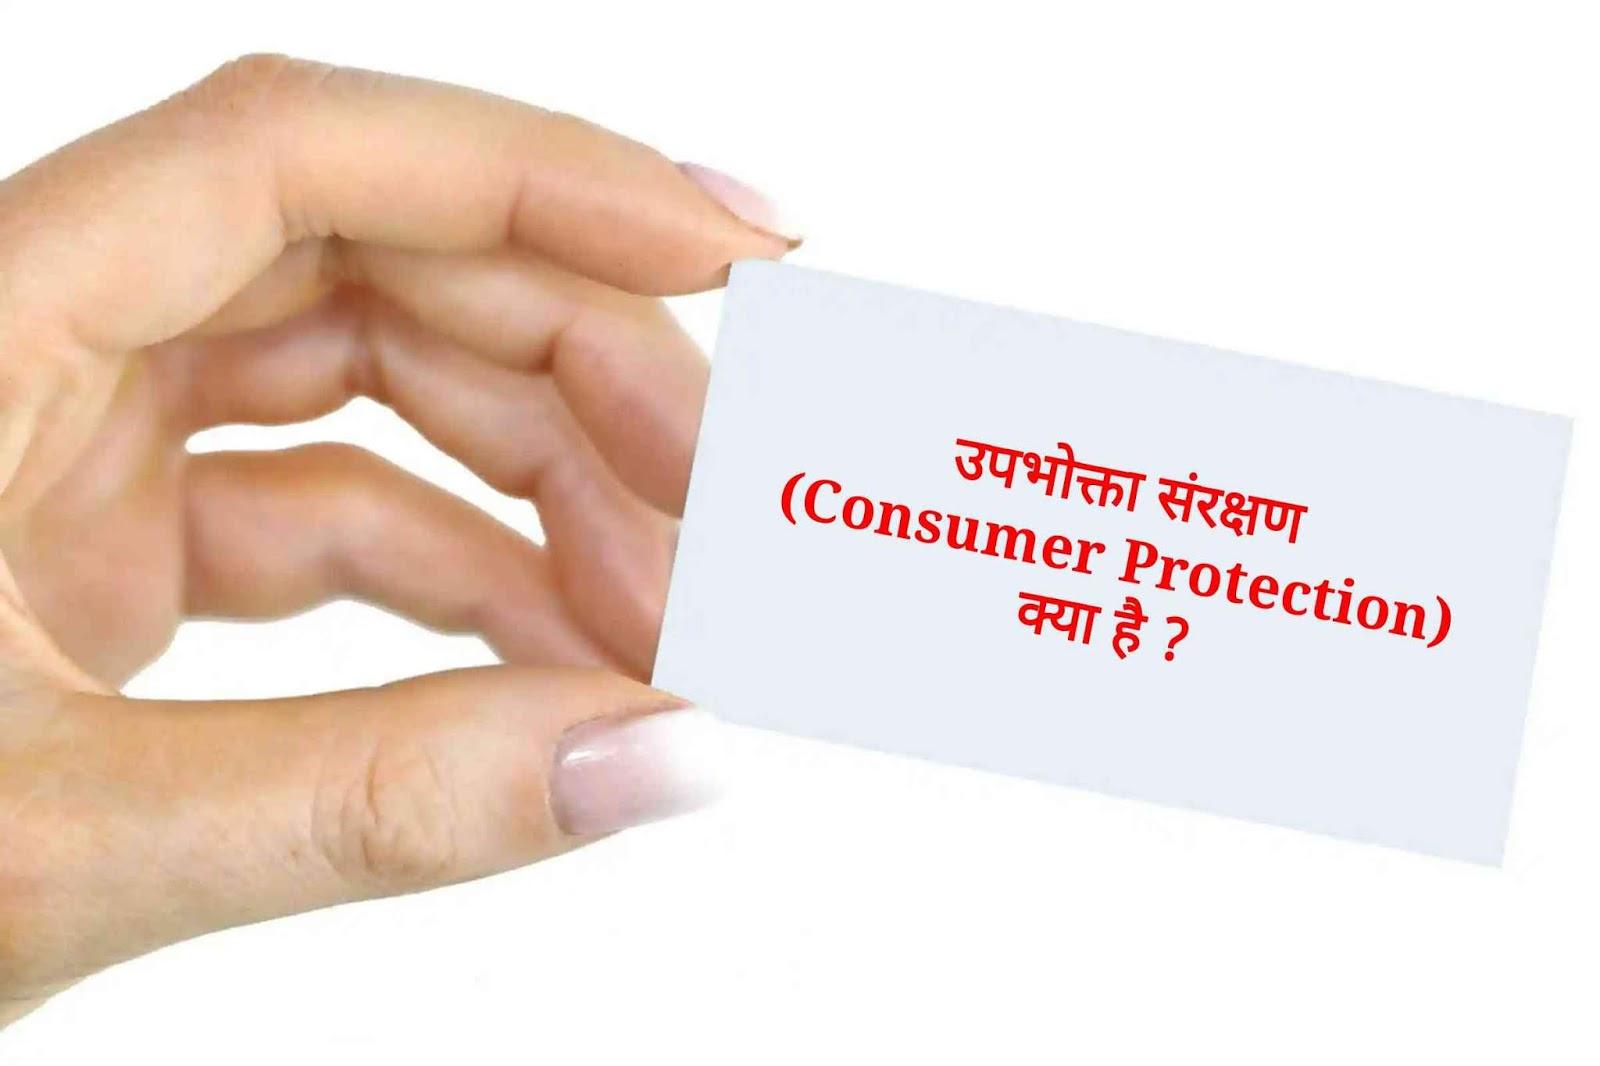 उपभोक्ता संरक्षण अधिनियम 1986 तथा विभिन्न संशोधन | Consumer Protection Act 1986 and Various Amendments